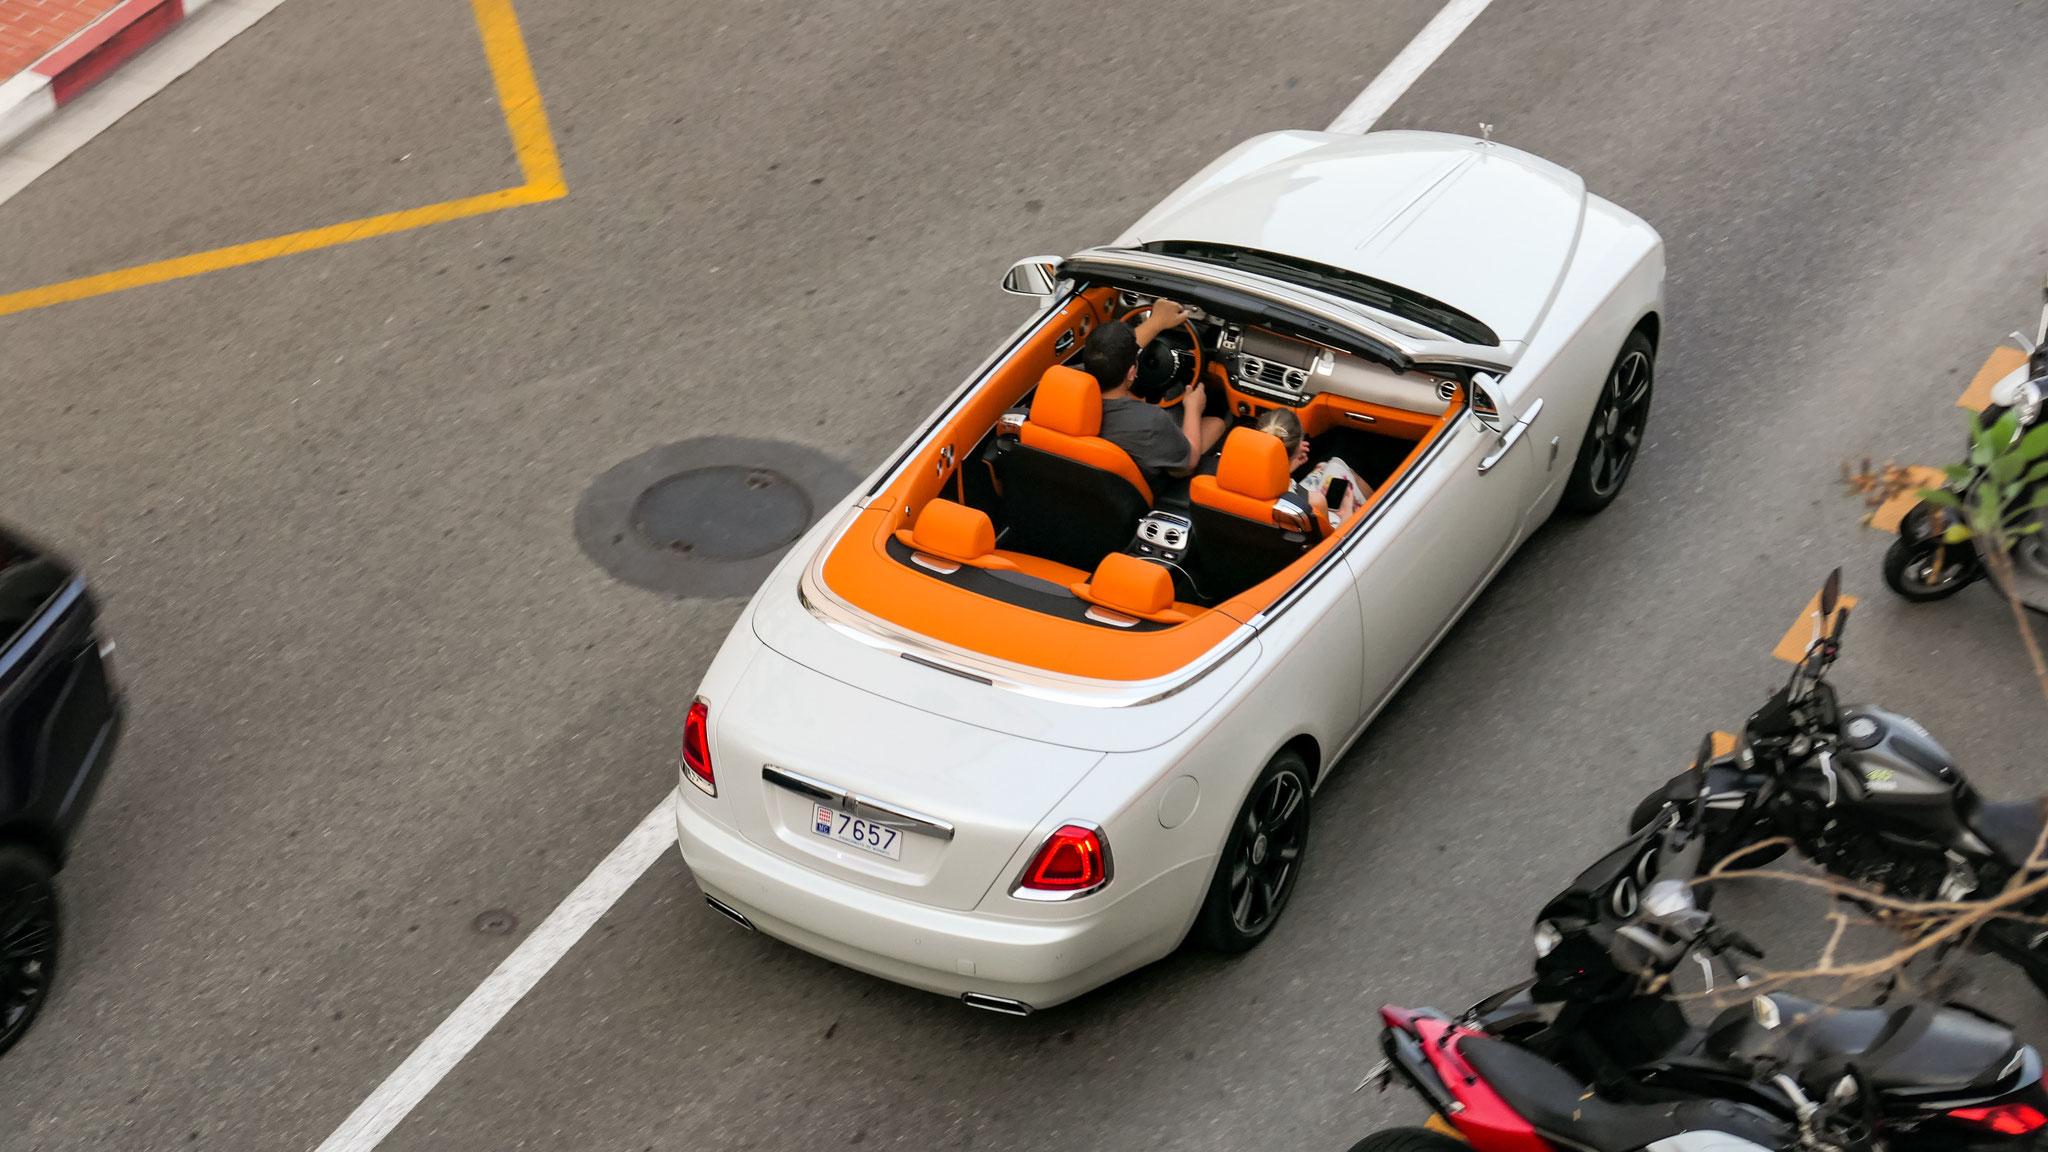 Rolls Royce Dawn - 7657 (MC)